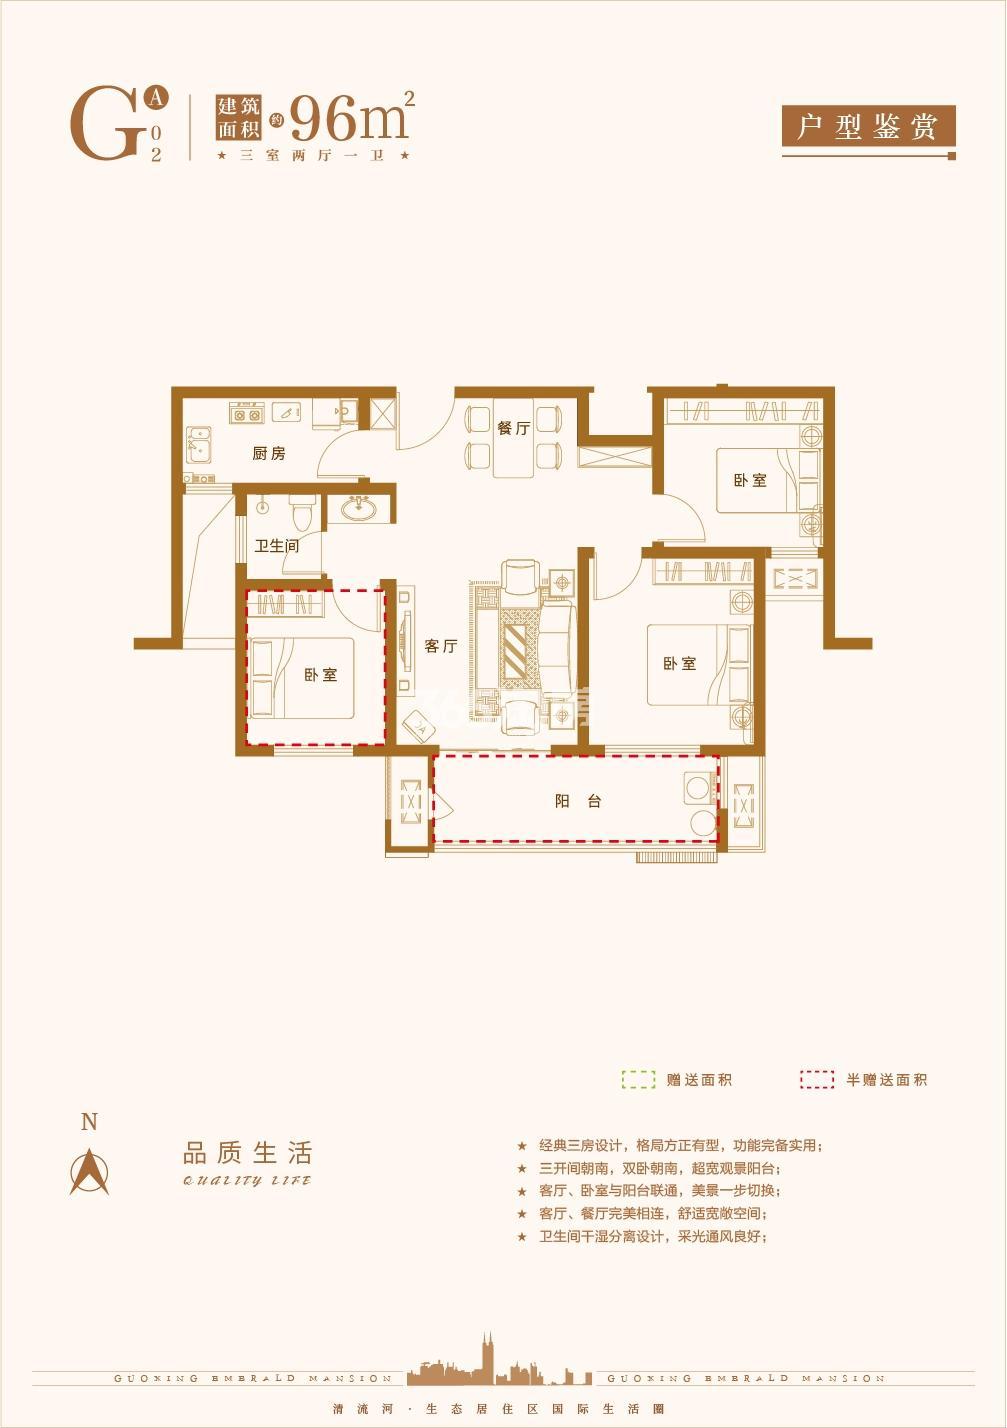 国兴翡翠公馆高层96㎡GA02三室两厅两卫户型图